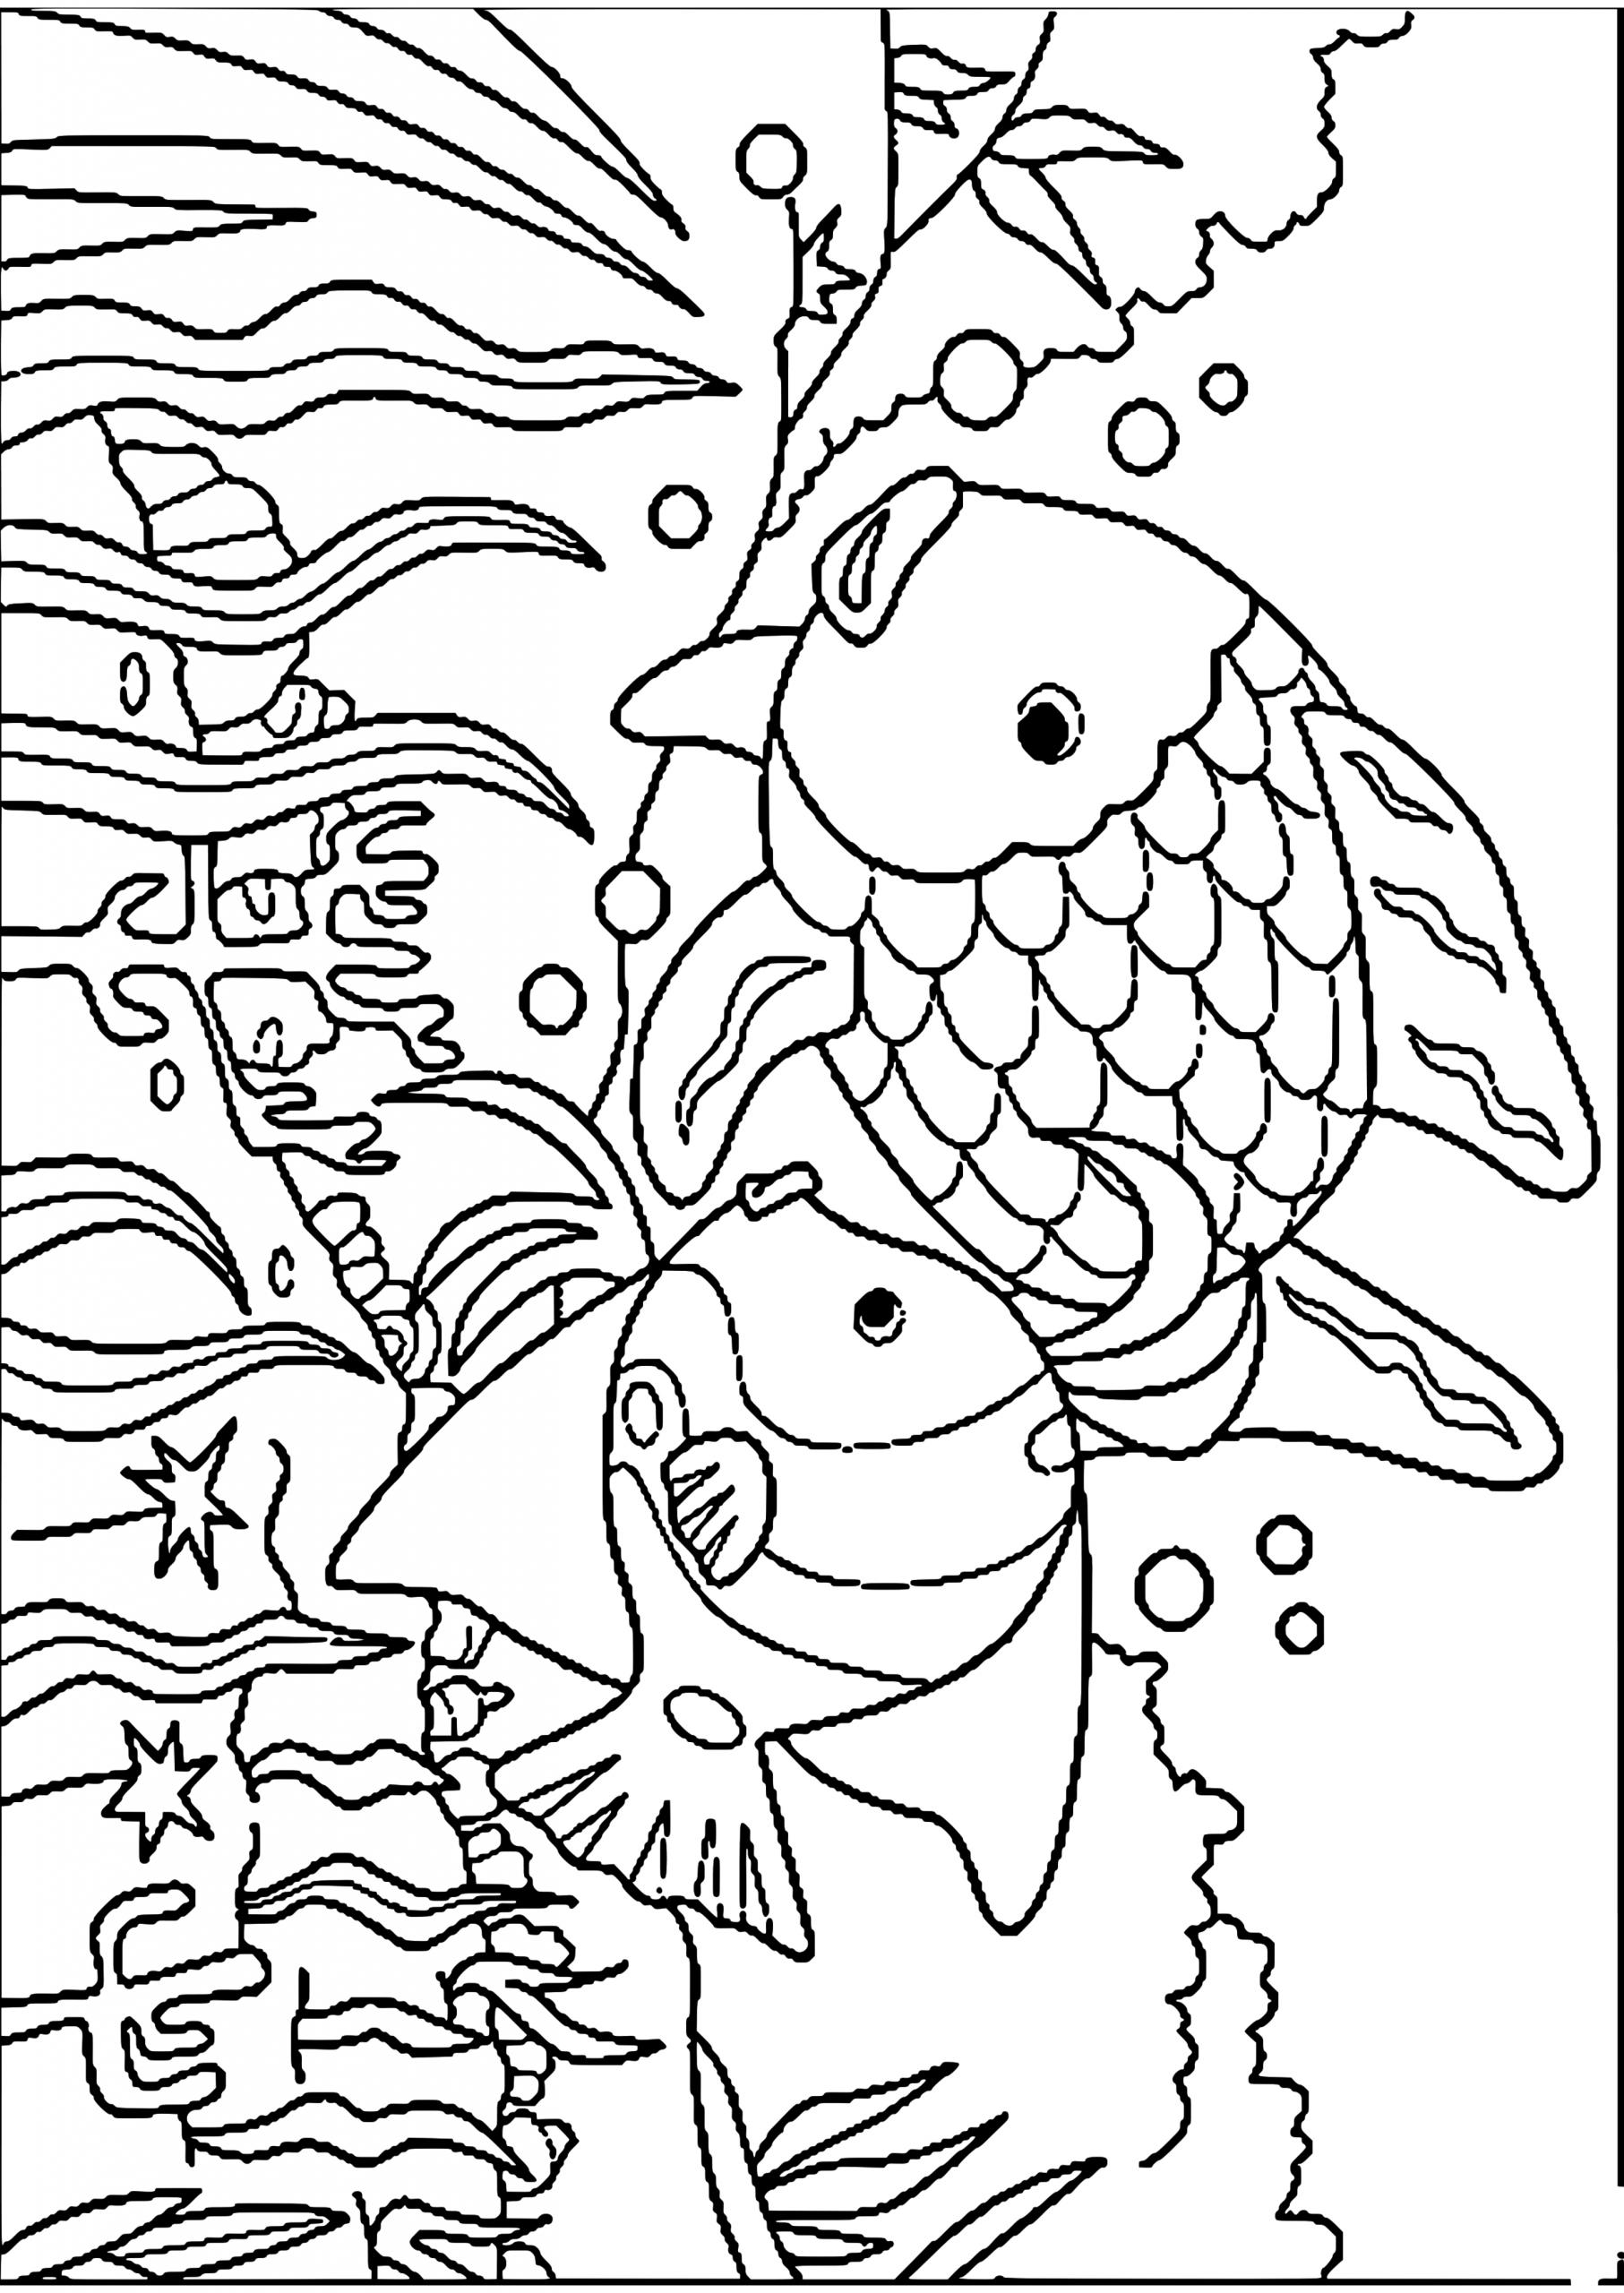 Ausmalbilder Tiere Zum Ausdrucken - 1Ausmalbilder verwandt mit Malvorlagen Tiere Kostenlos Ausdrucken